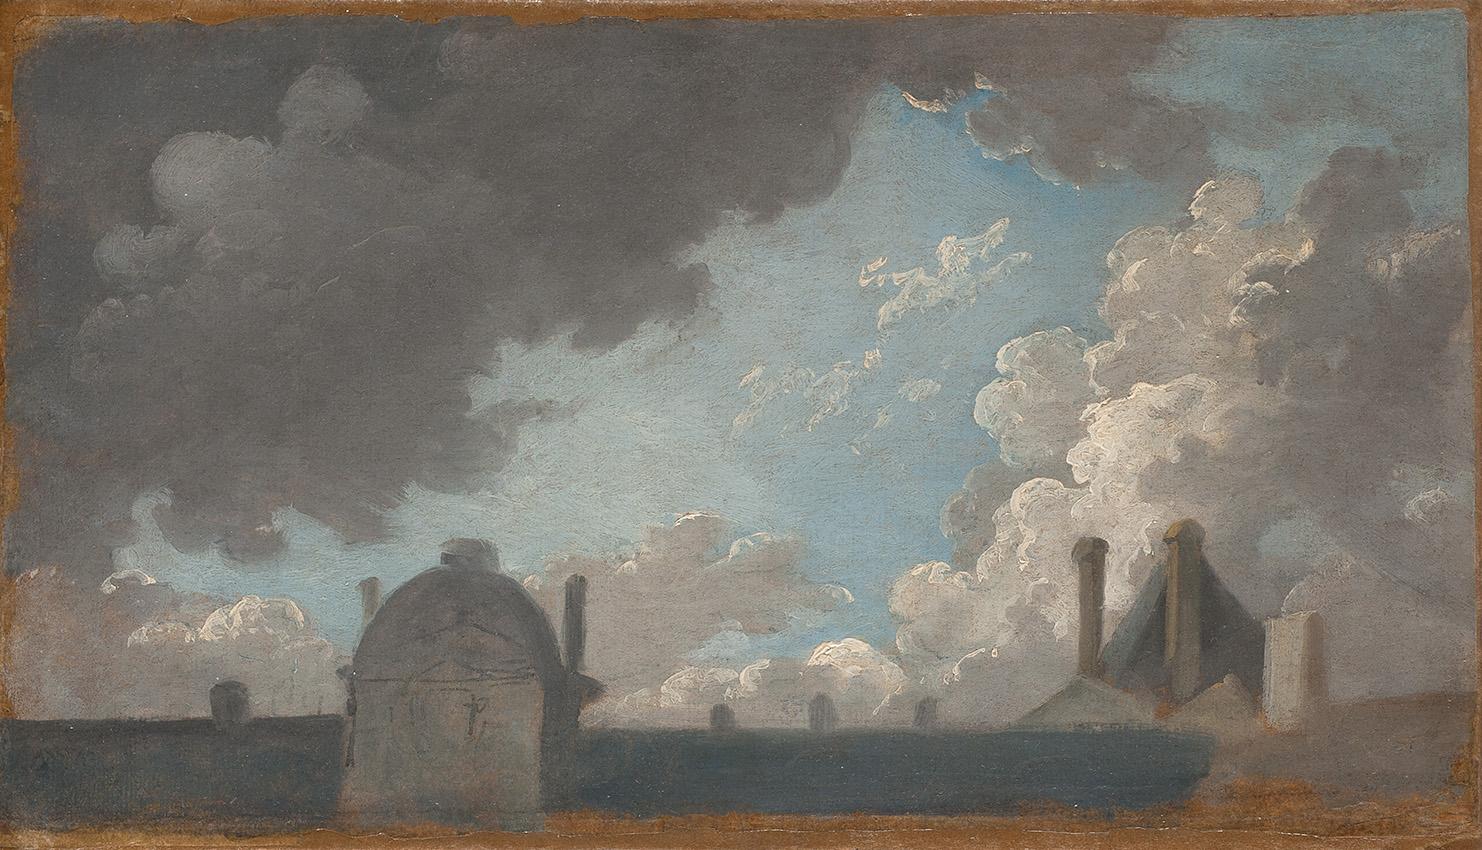 Pierre-Antoine Demachy (1723-1807), Nuages au-dessus des toits du Louvre, vers 1769-1785, huile sur papier, contrecollée sur panneau, 18,6